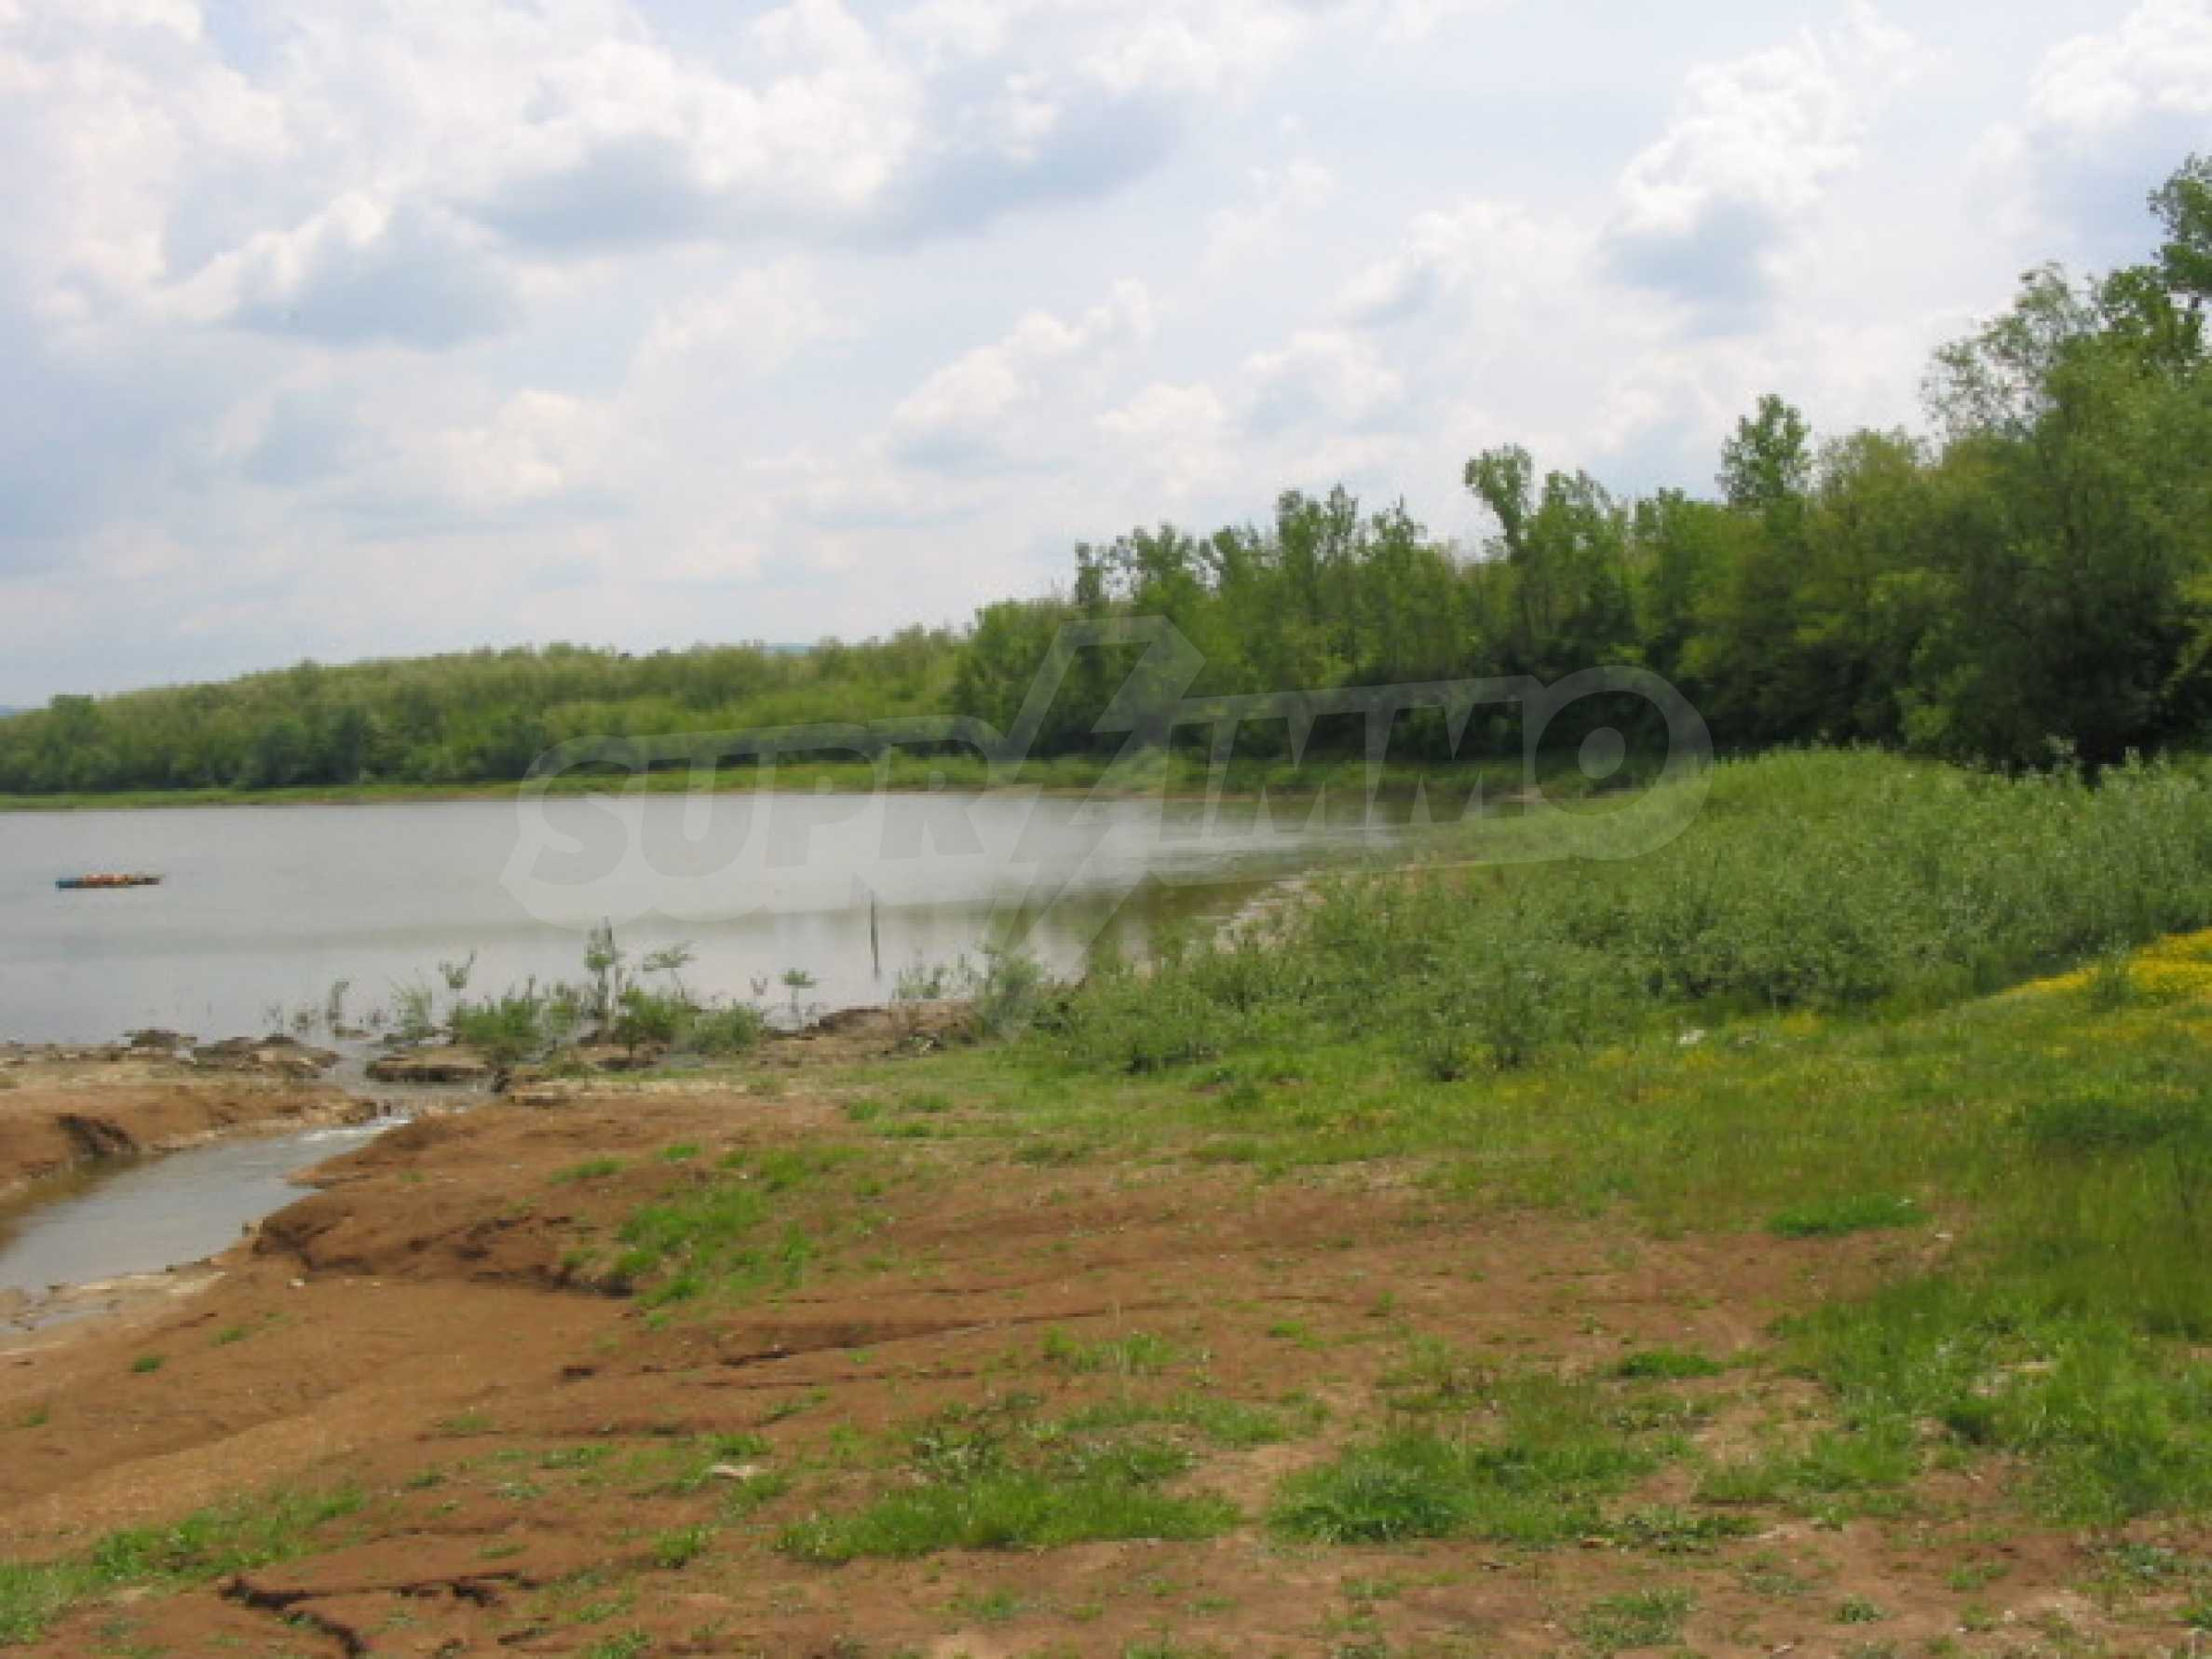 Damm mit angrenzendem Land 7 km von Veliko Tarnovo entfernt 12